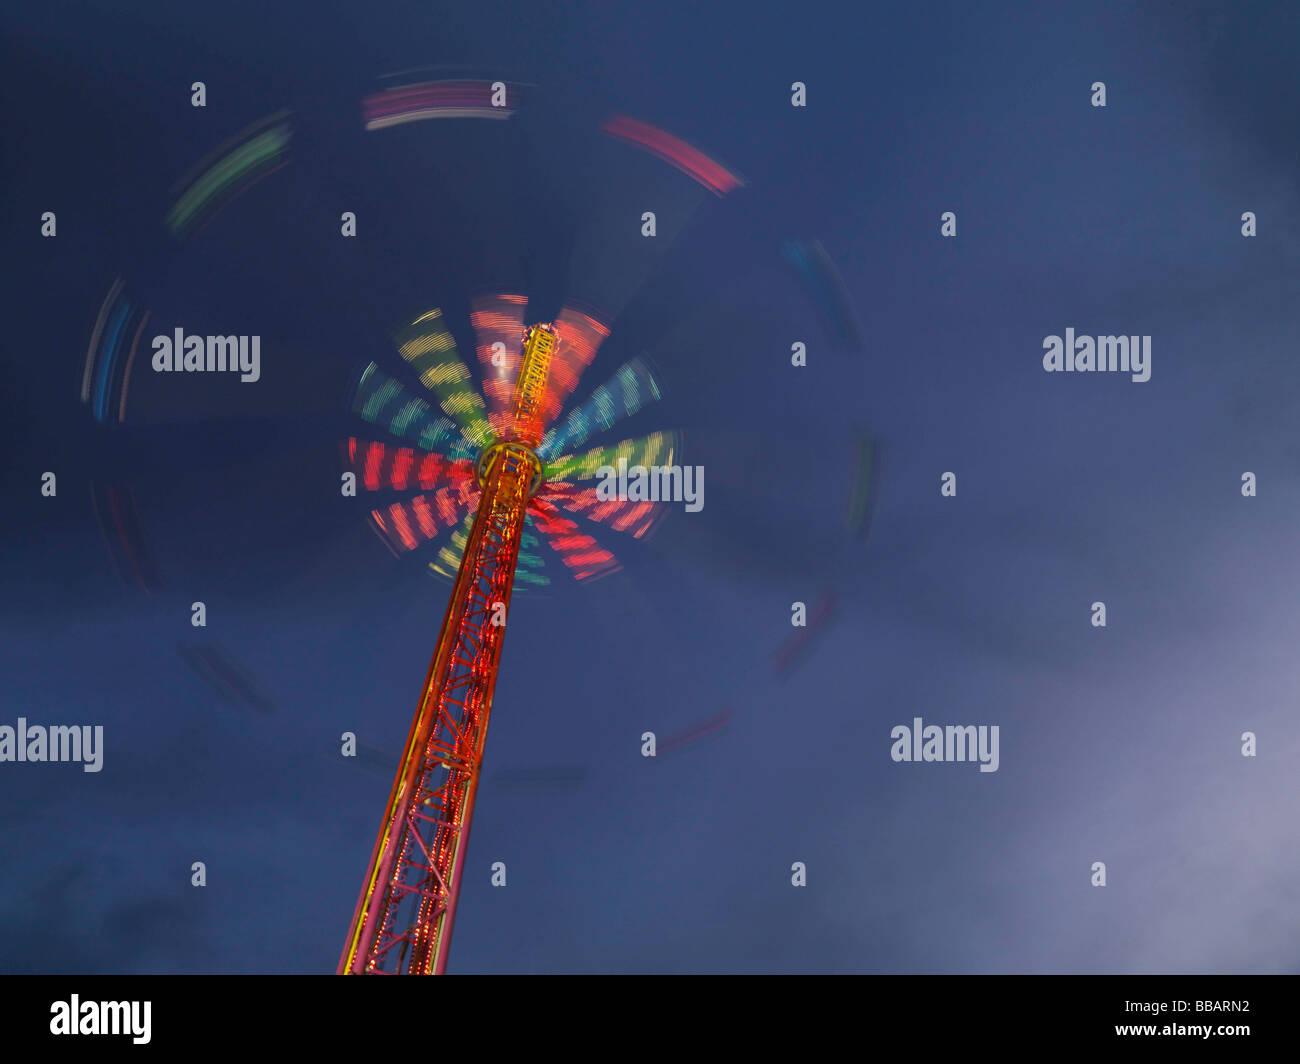 Illuminated chairoplane against dark sky Stock Photo